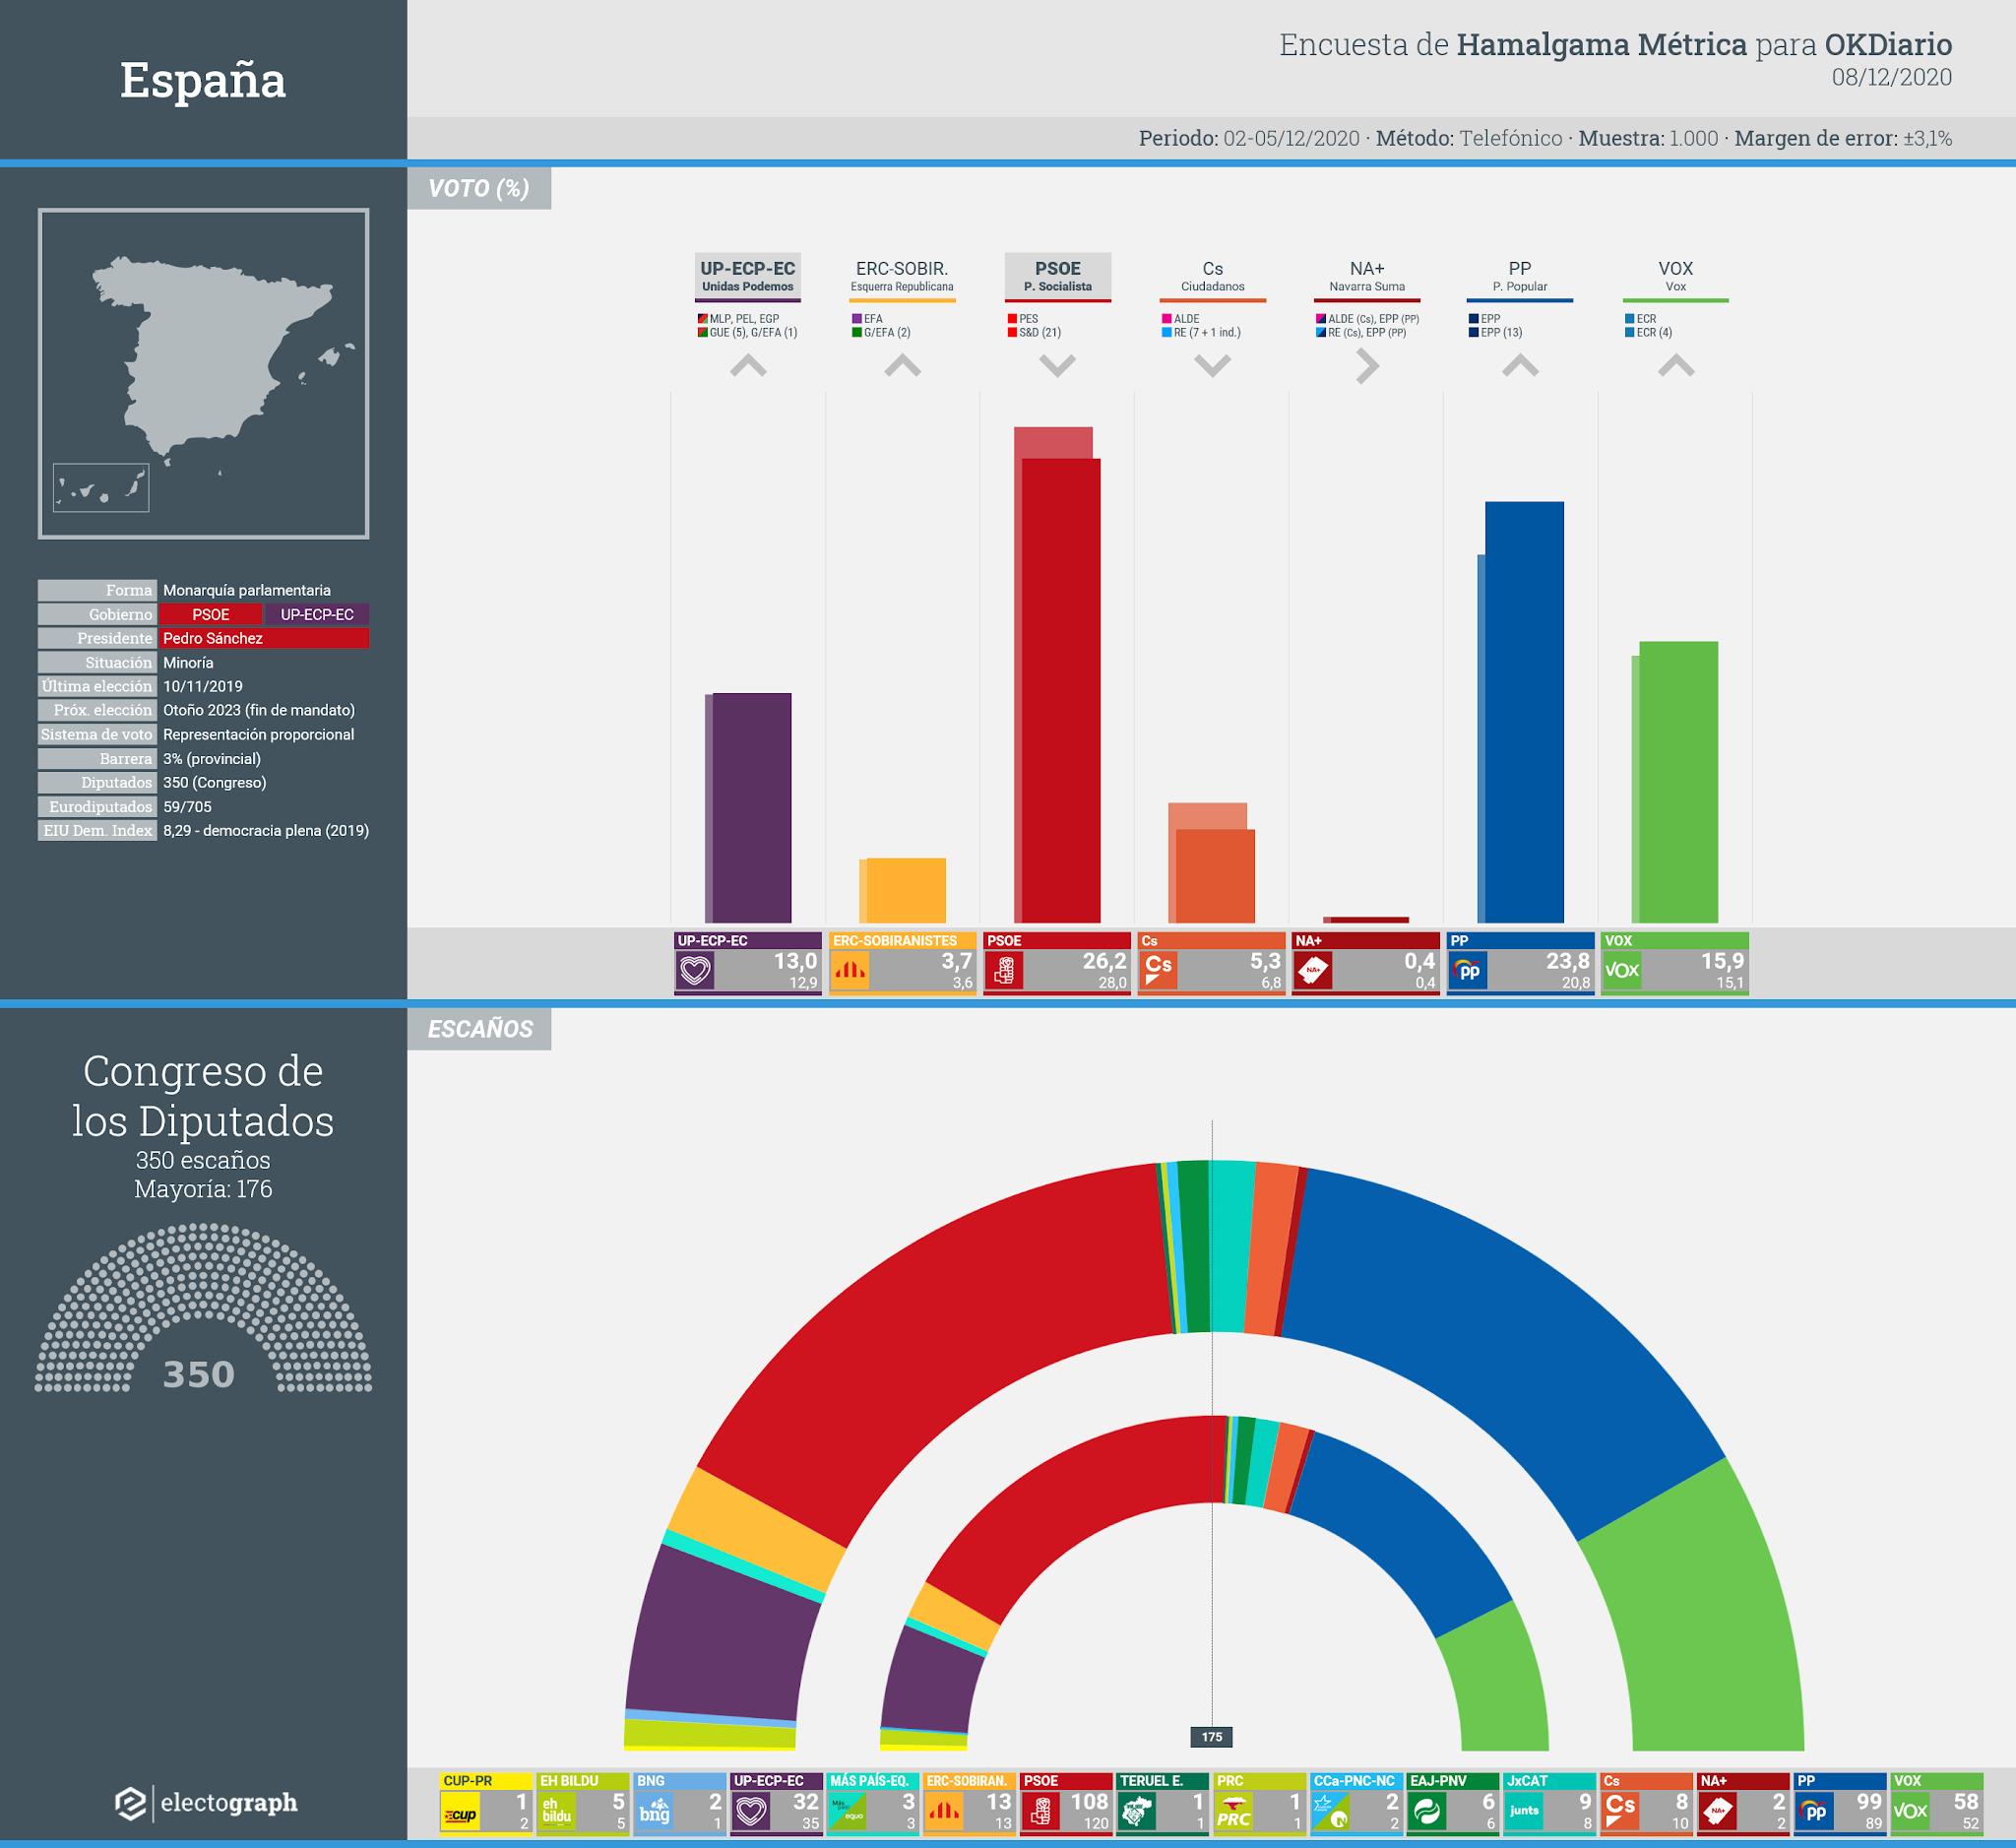 Gráfico de la encuesta para elecciones generales en España realizada por Hamalgama Métrica para OKDiario, 8 de diciembre de 2020